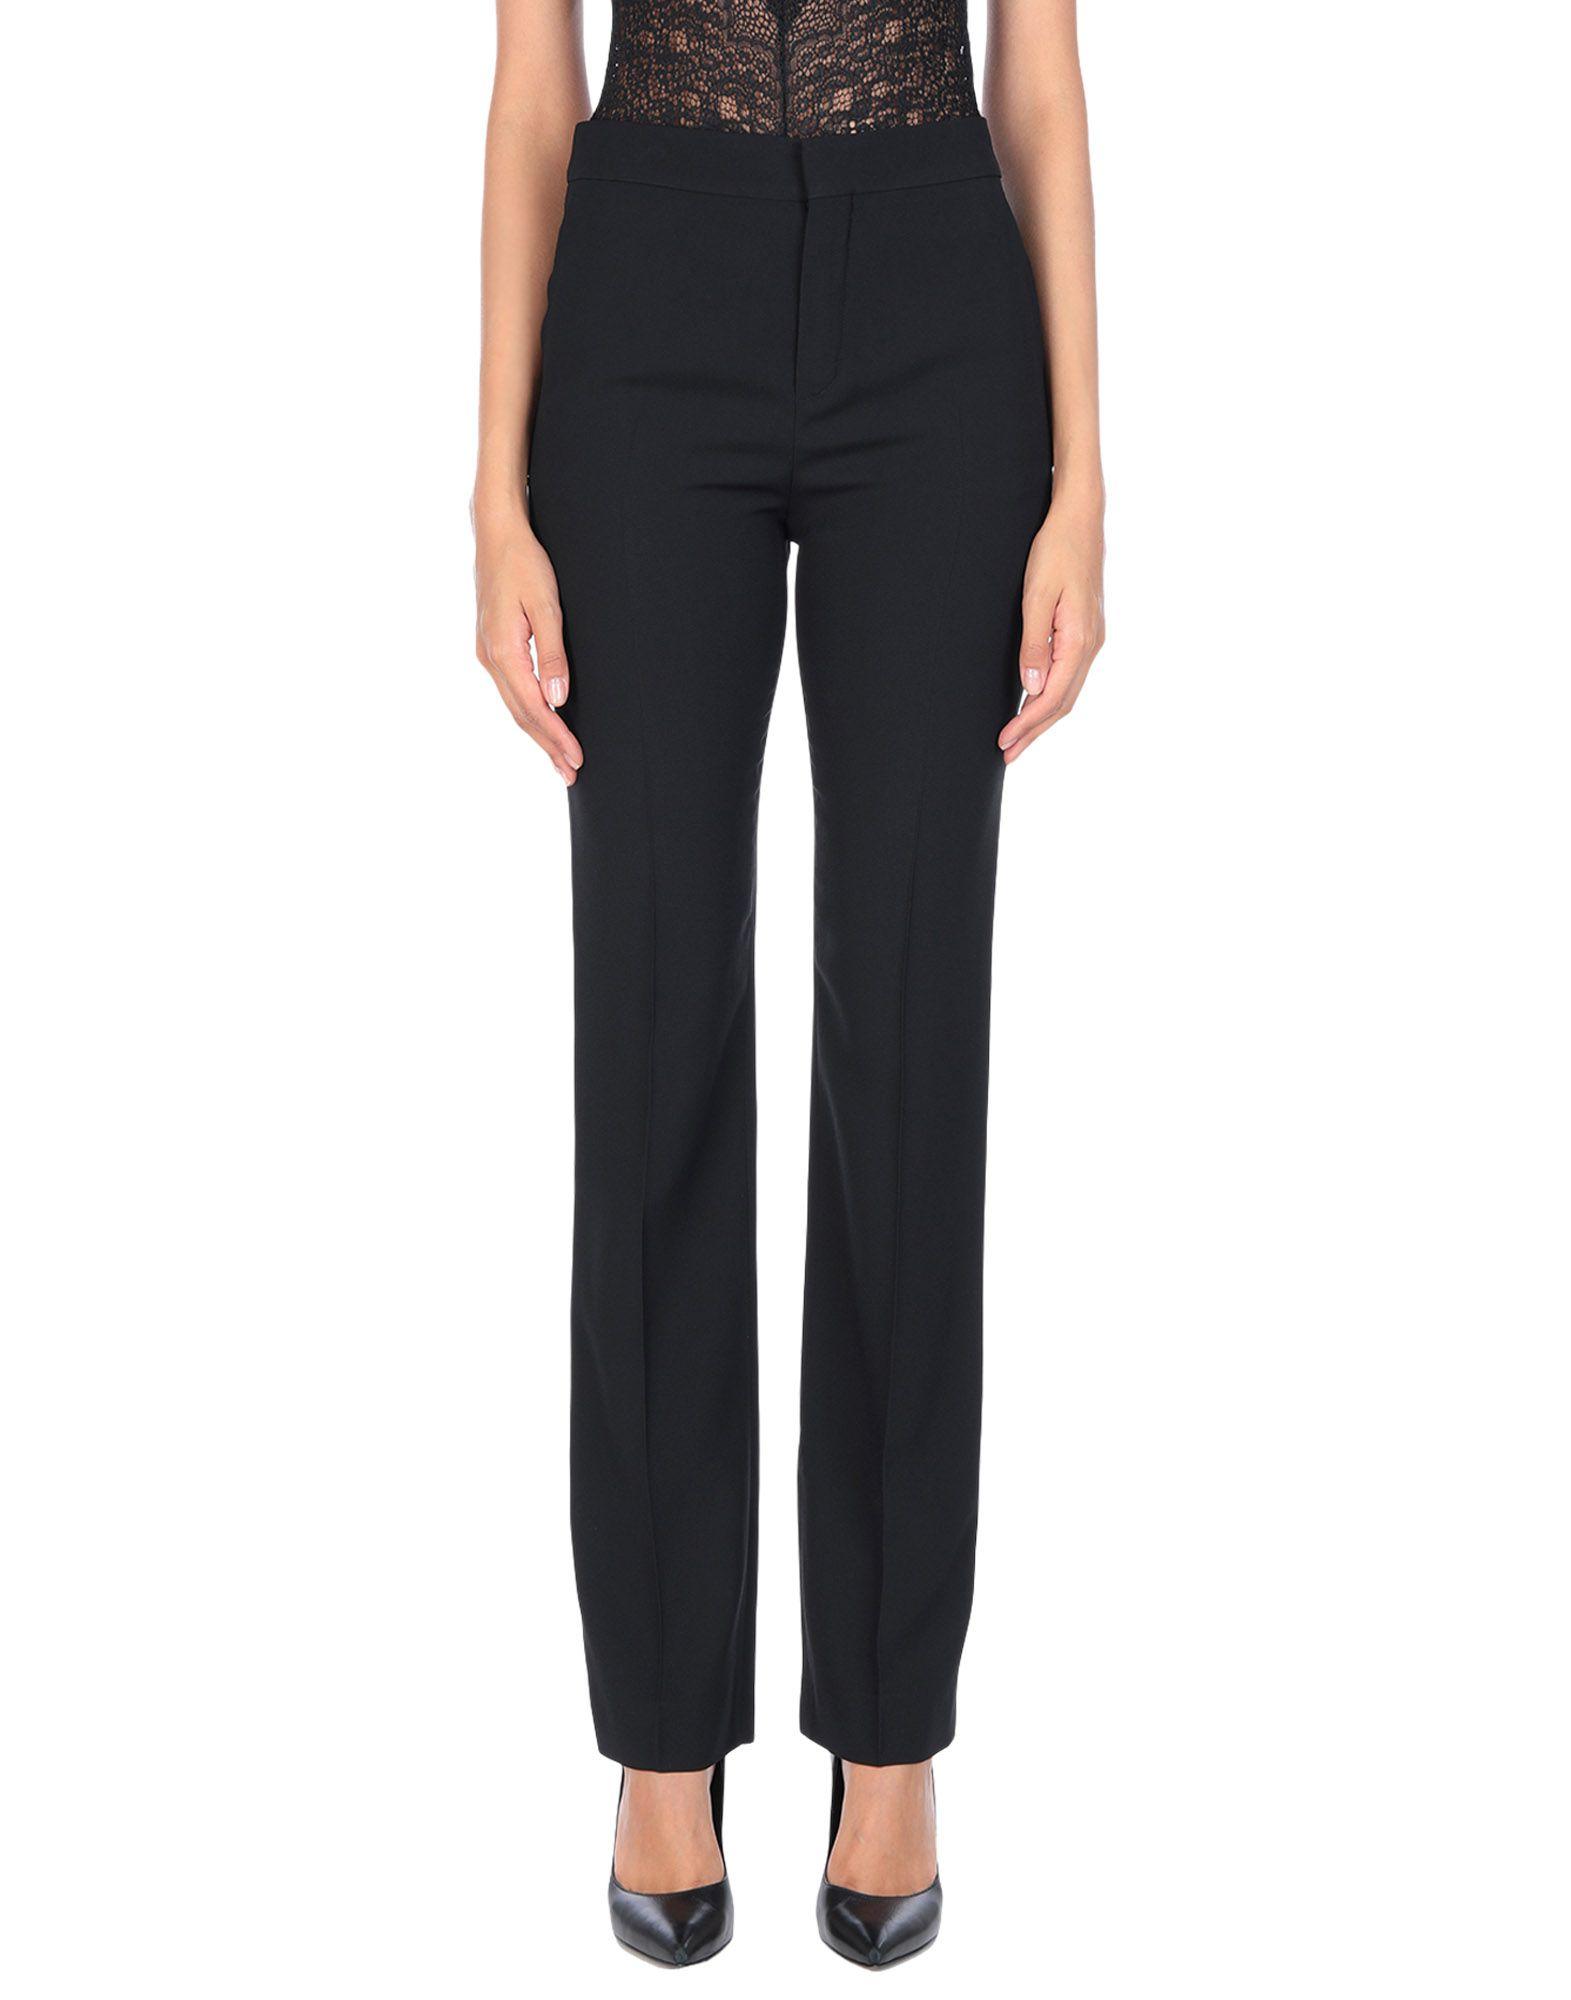 Pantalone Chloé damen - 13238625XE